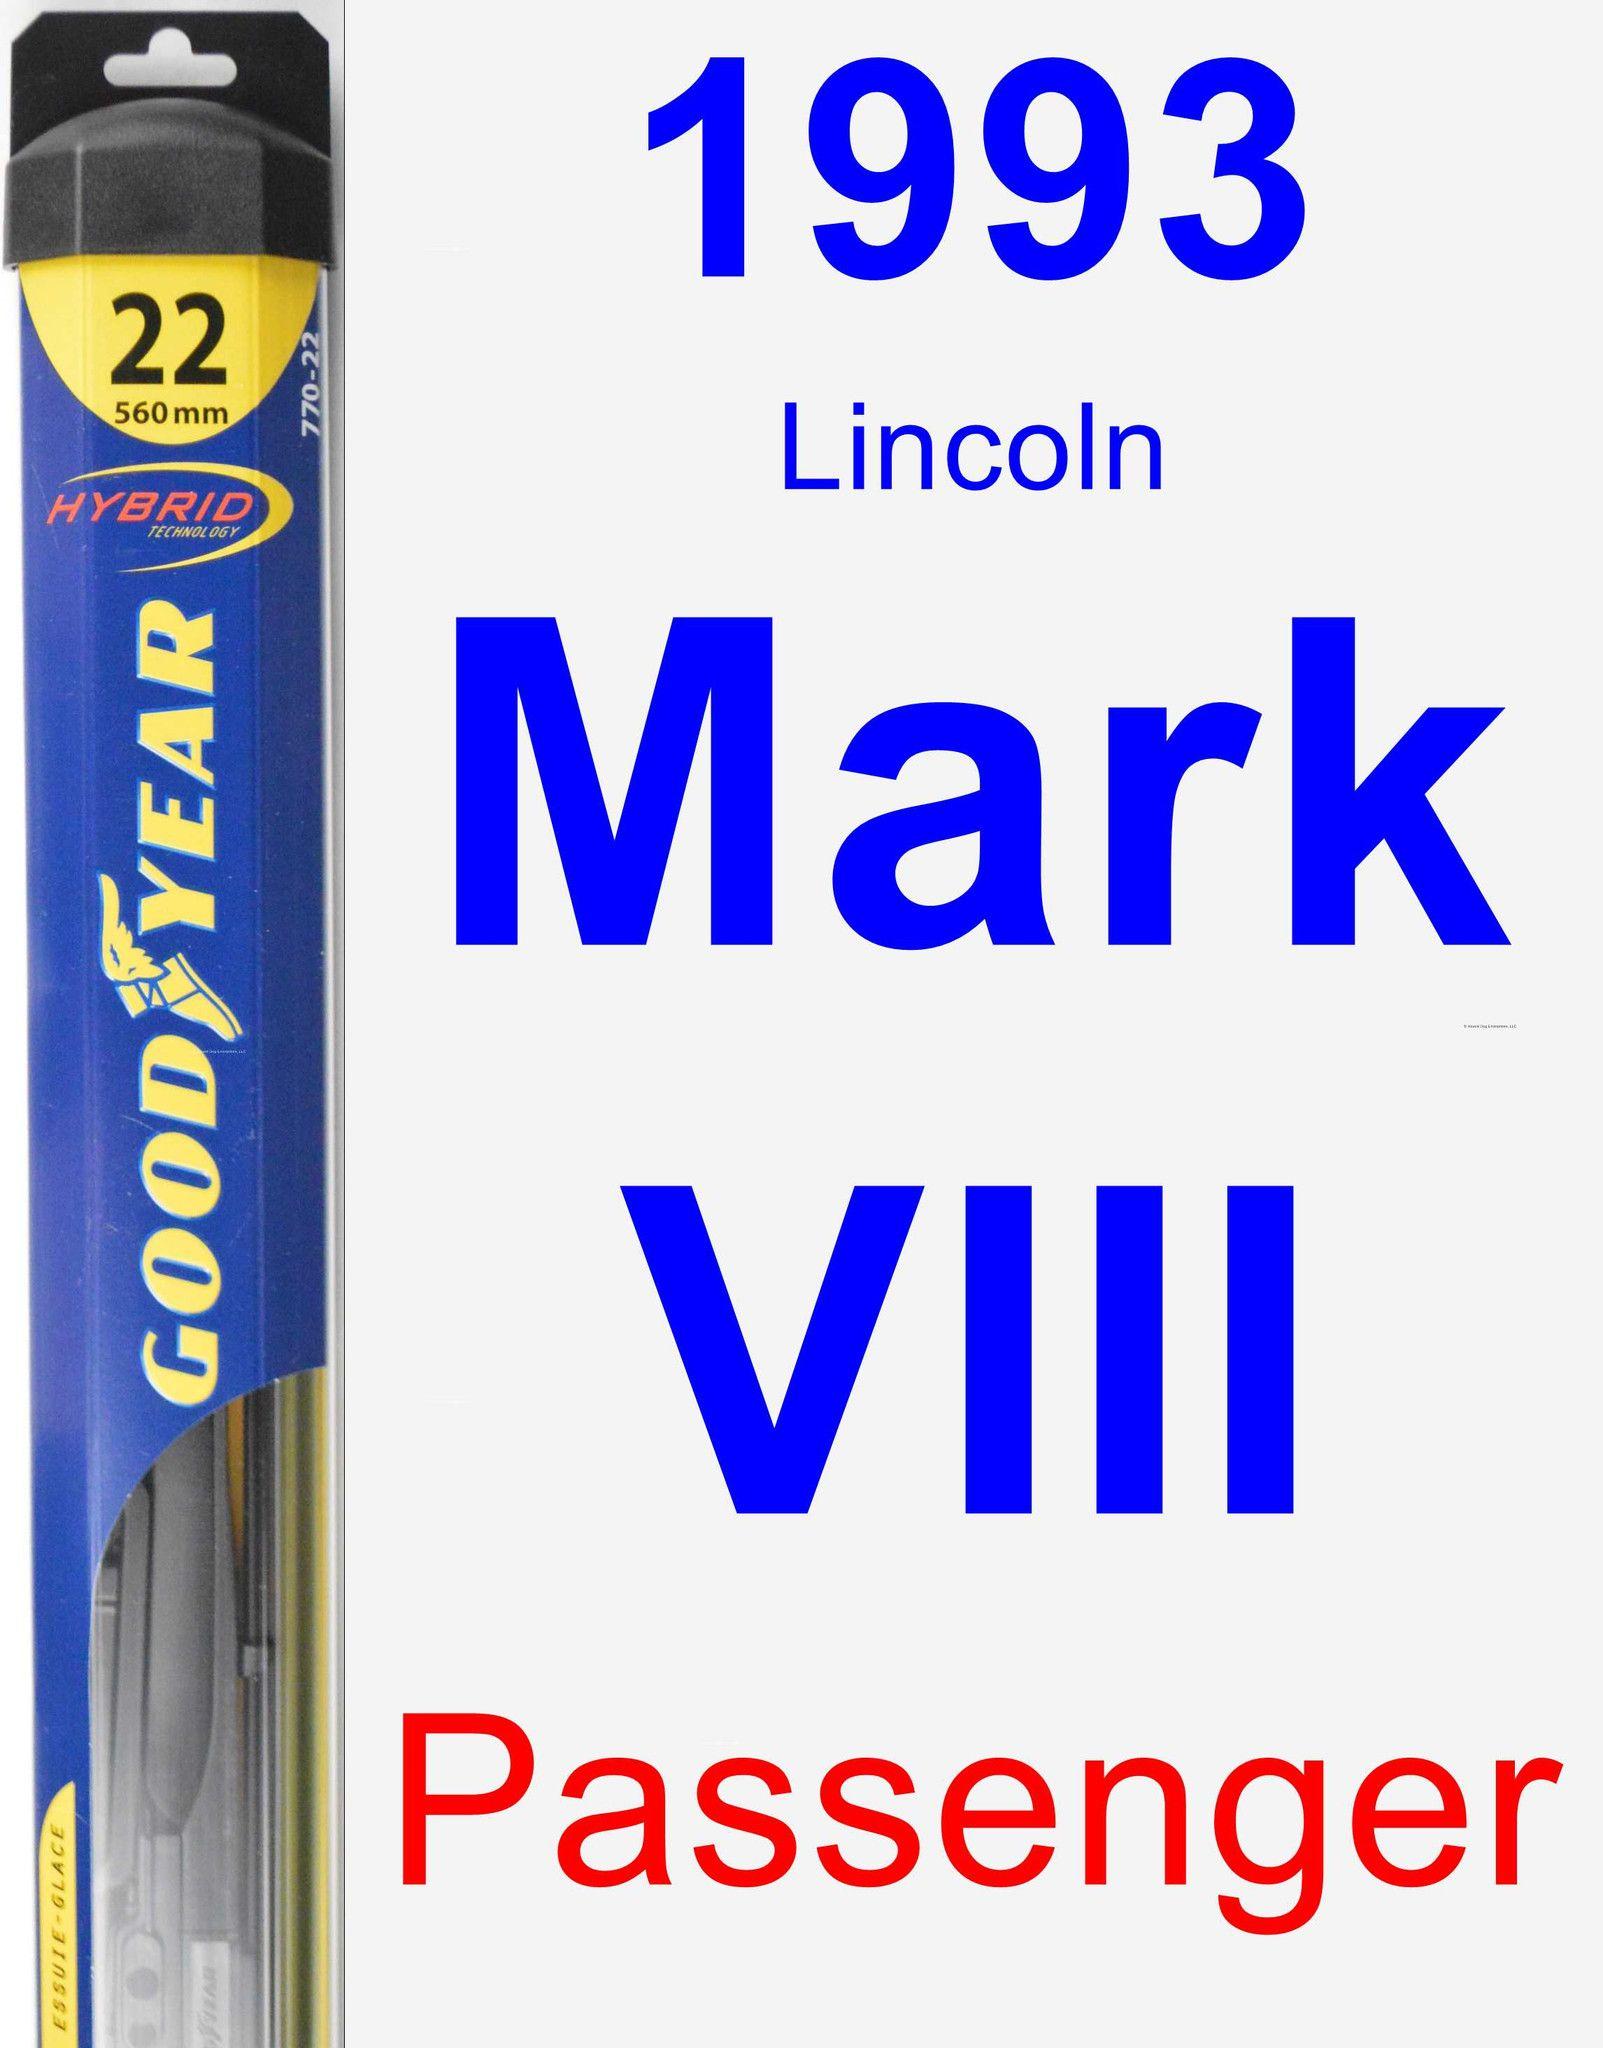 Passenger Wiper Blade for 1993 Lincoln Mark VIII - Hybrid